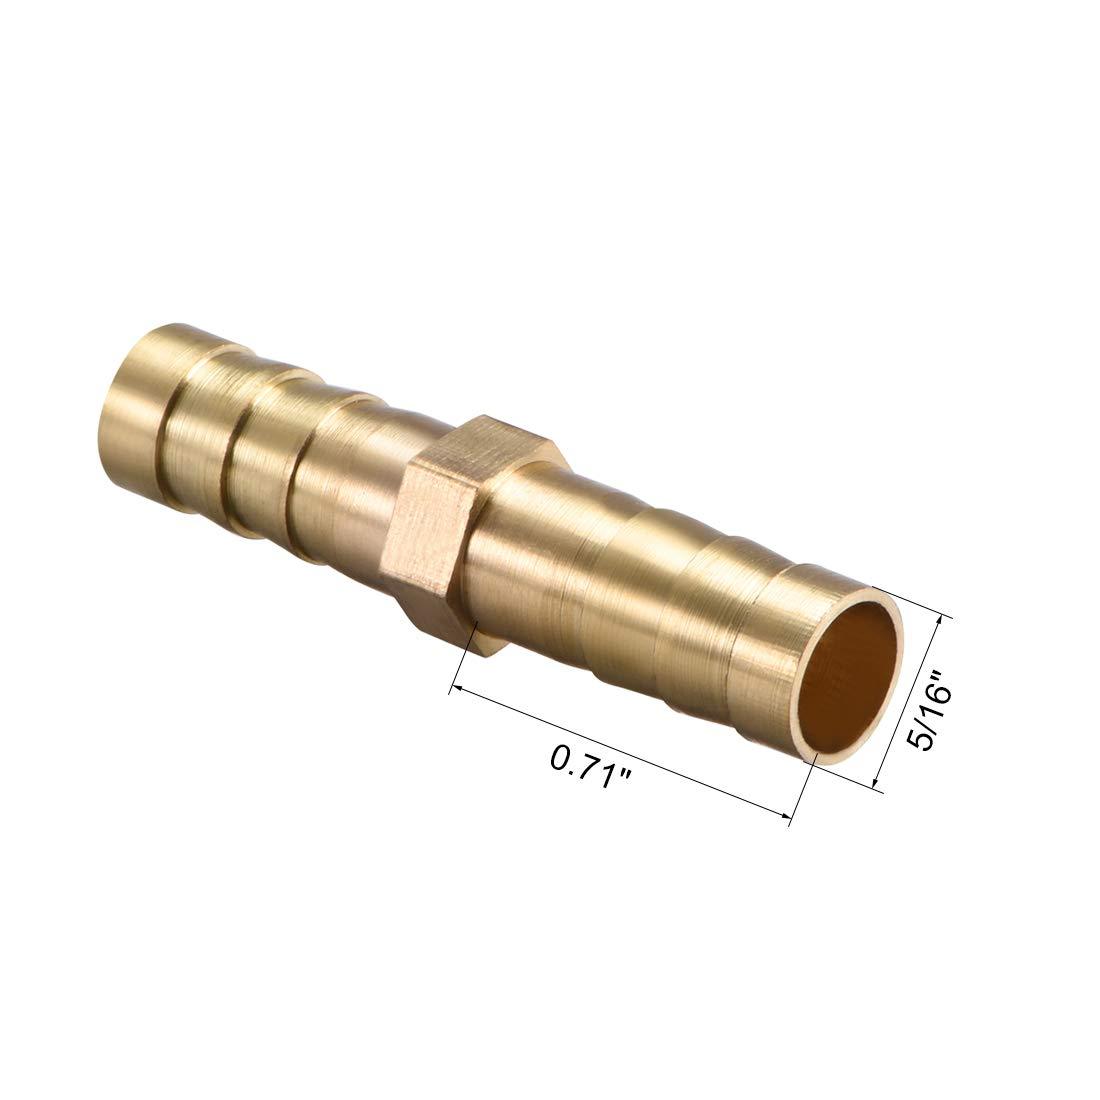 sourcing map manguera de lat/ón adaptador de conector de conexi/ón de manguera de 14 mm p/úa x 1//2 pt tubo macho